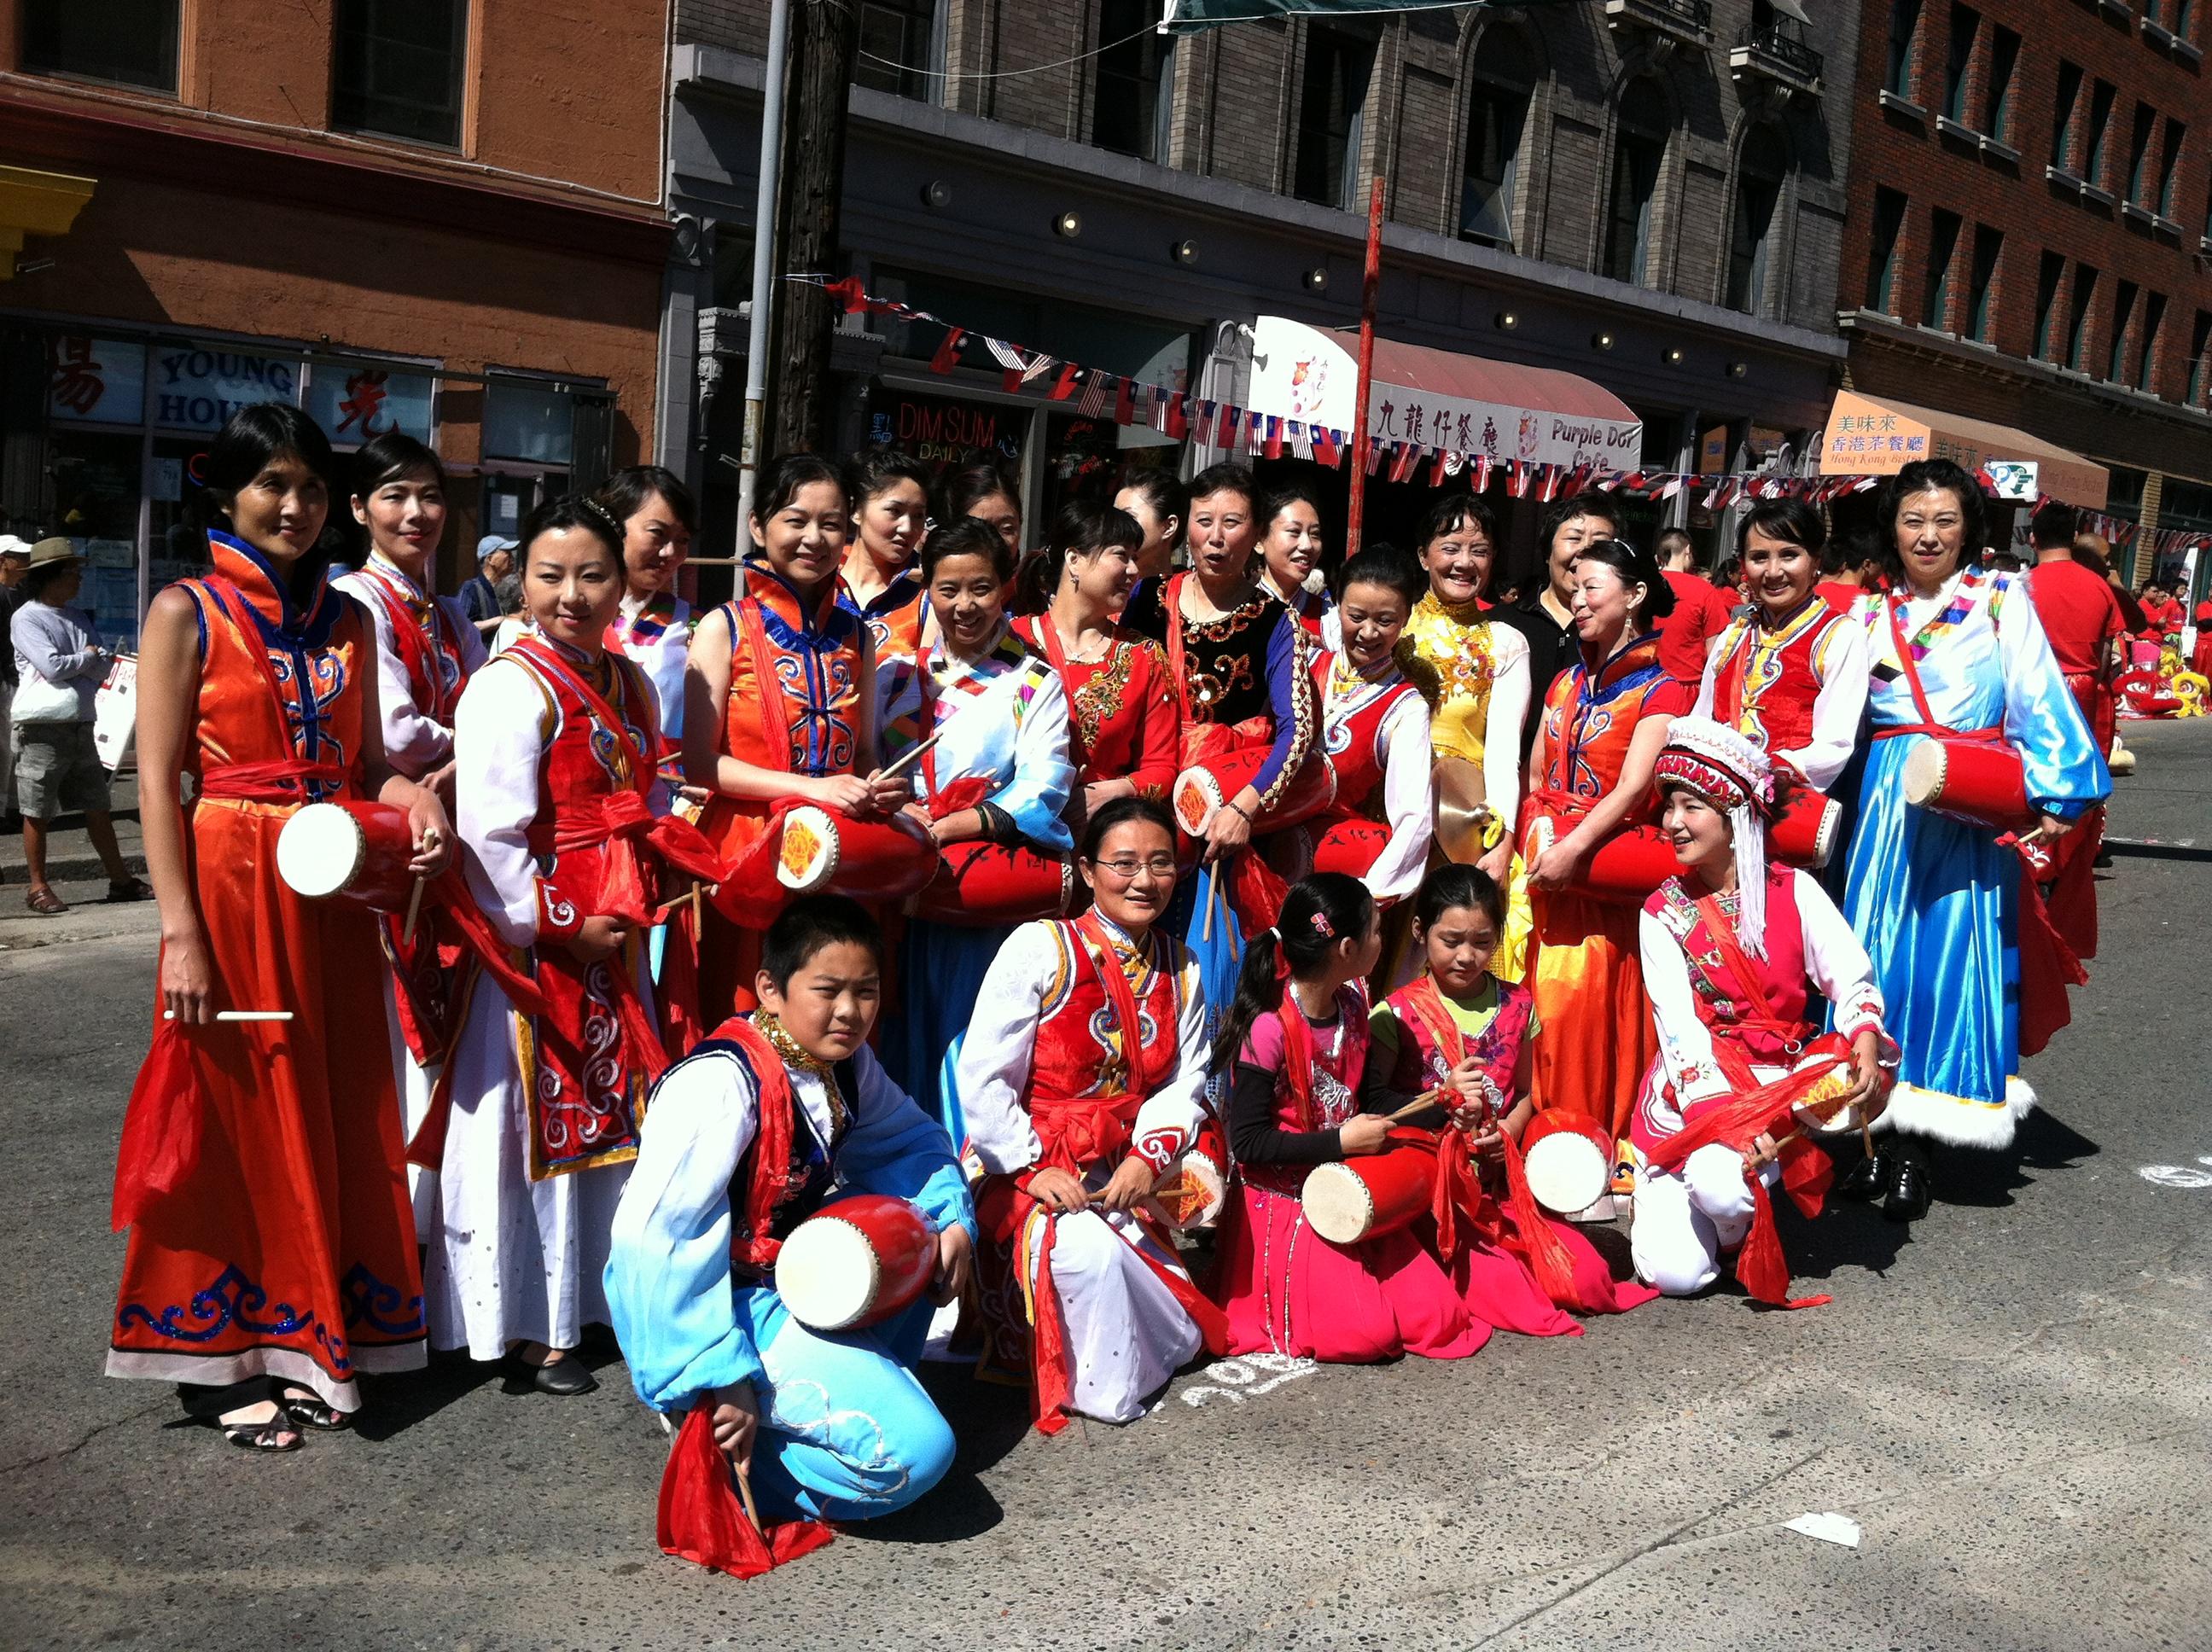 2012 Chinatown Seafair Parade Image 221